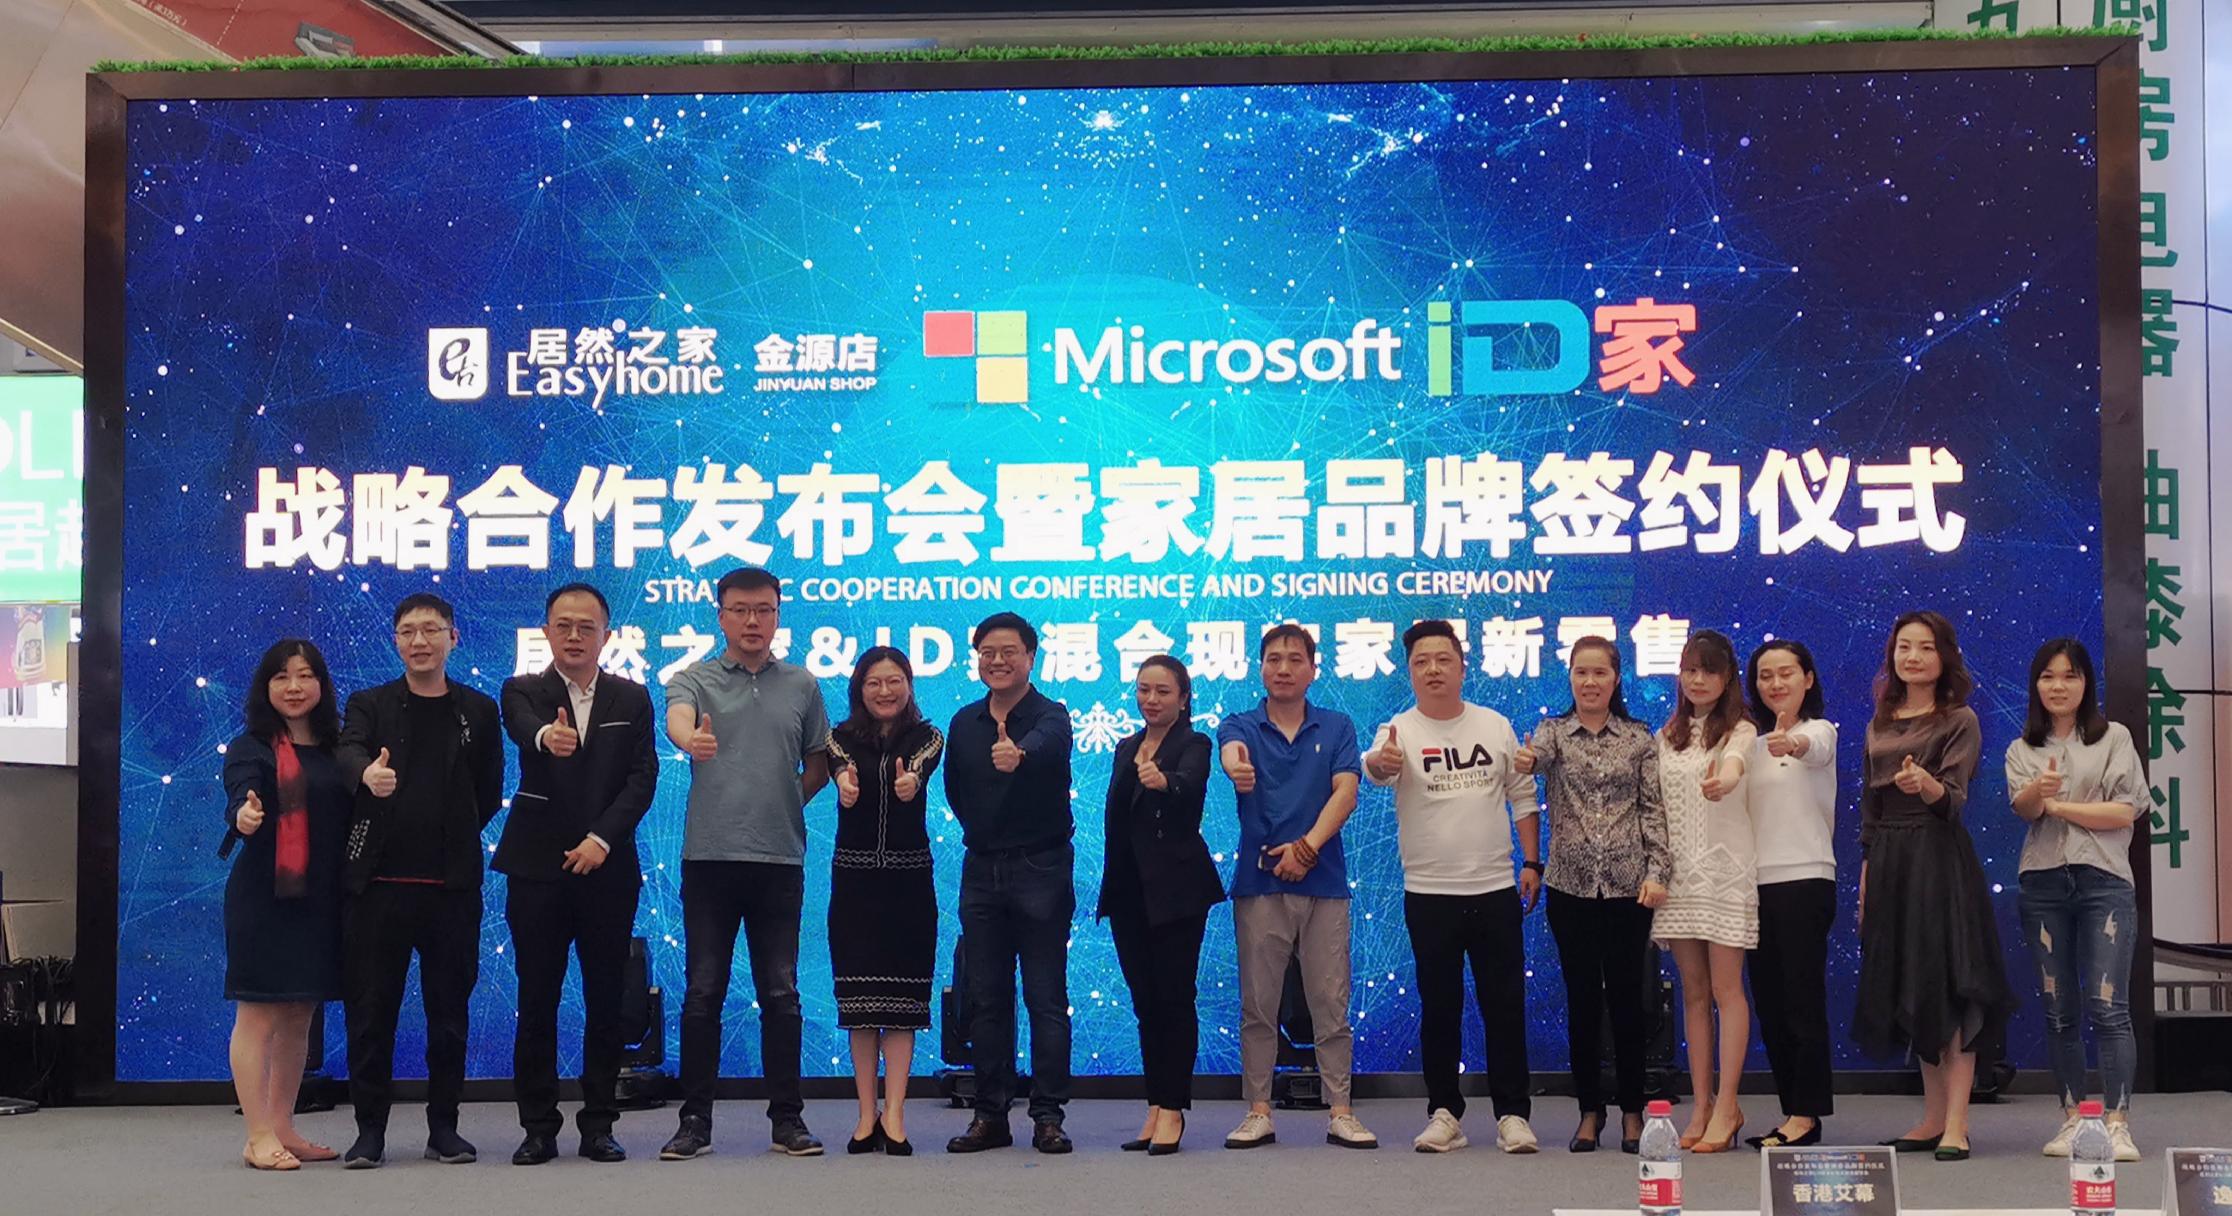 居然之家、微软、ID家,携手打造全球首家混合现实家居卖场